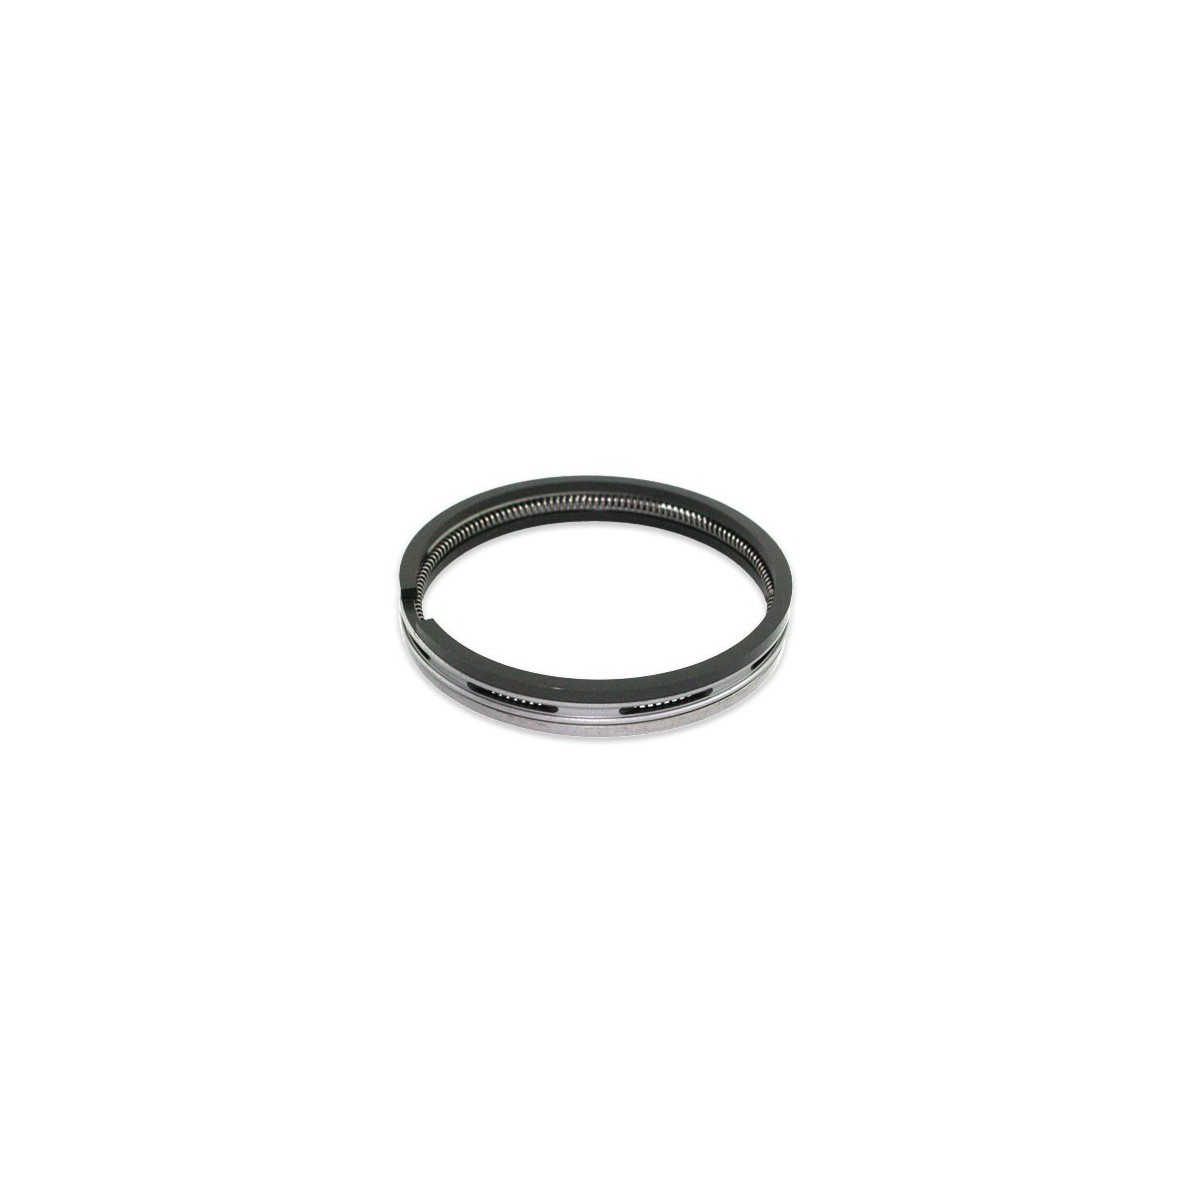 Zestaw pierścieni do tłoka Yanmar YM1401 F15  72mm.